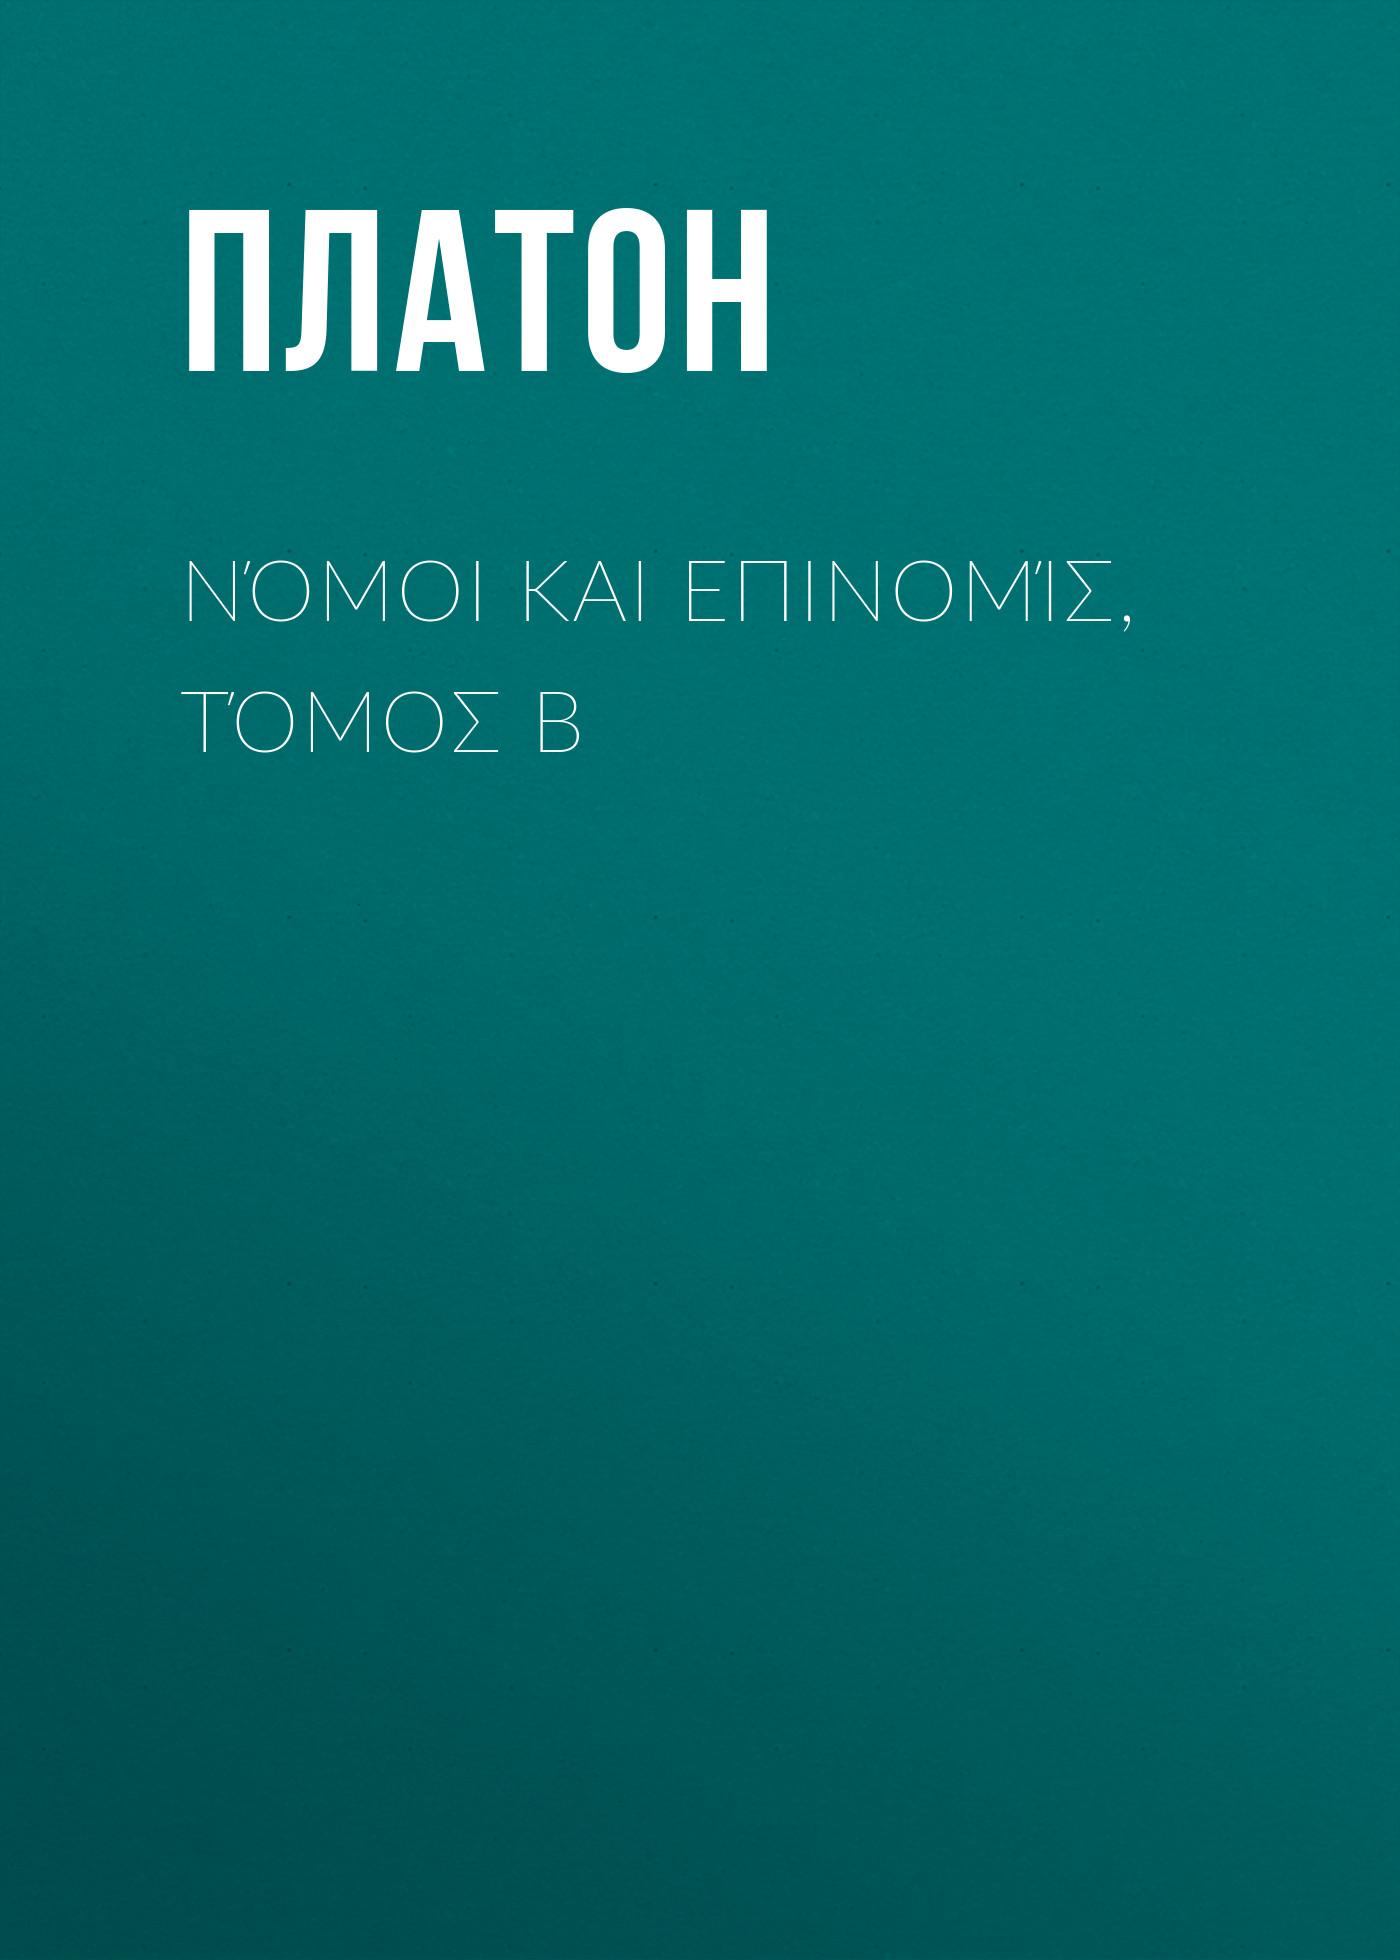 Платон Νόμοι και Επινομίς, Τόμος B